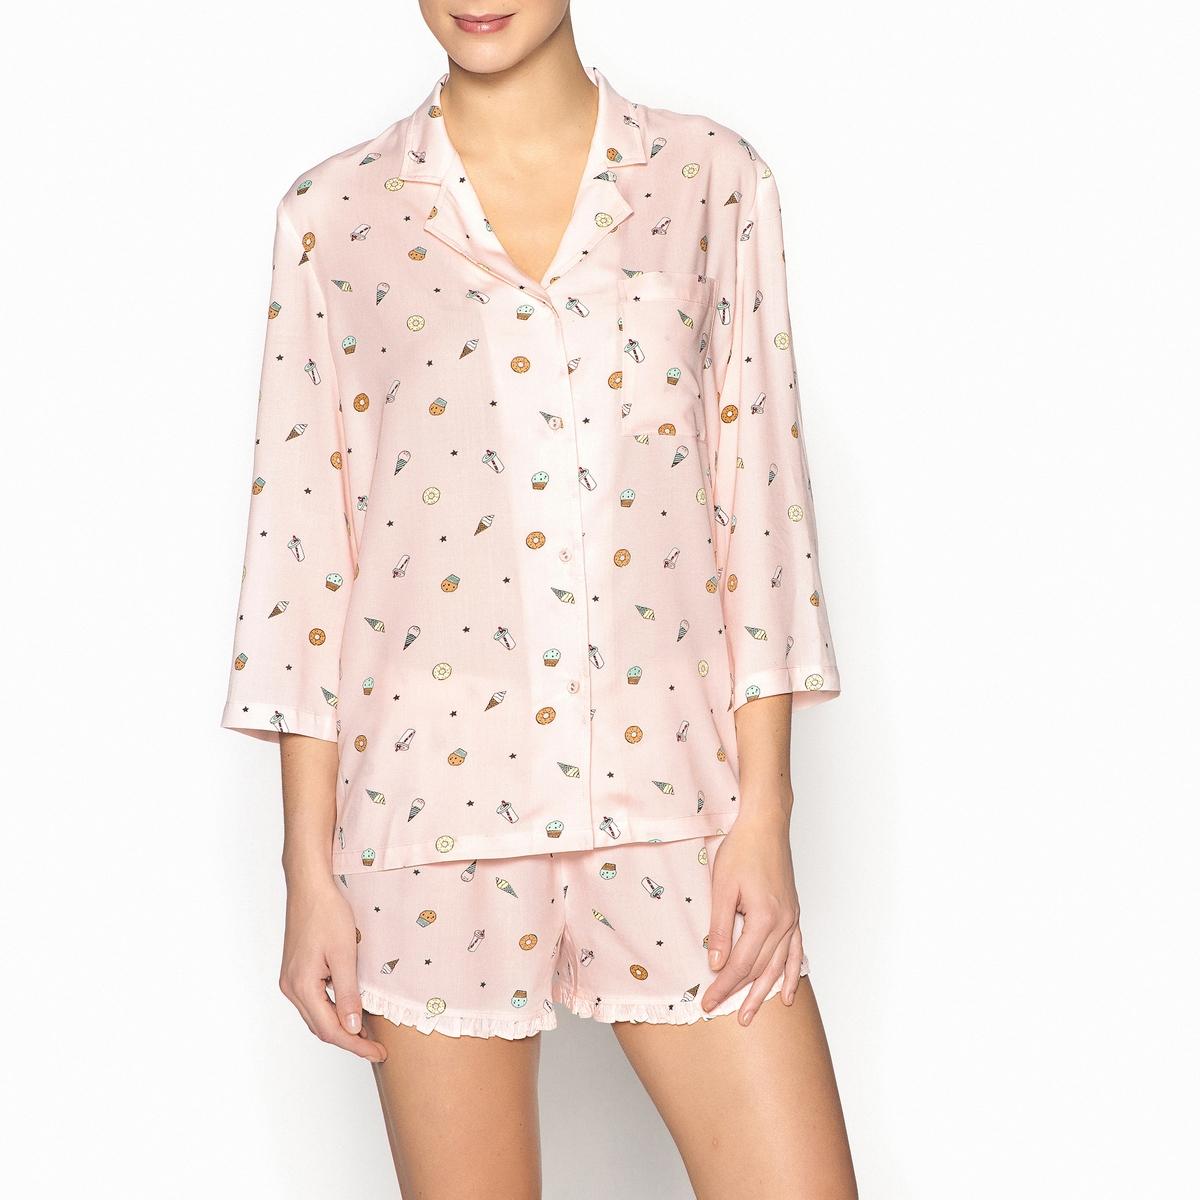 Пижама в шортами оригинальная пижама с шортами с рисунком